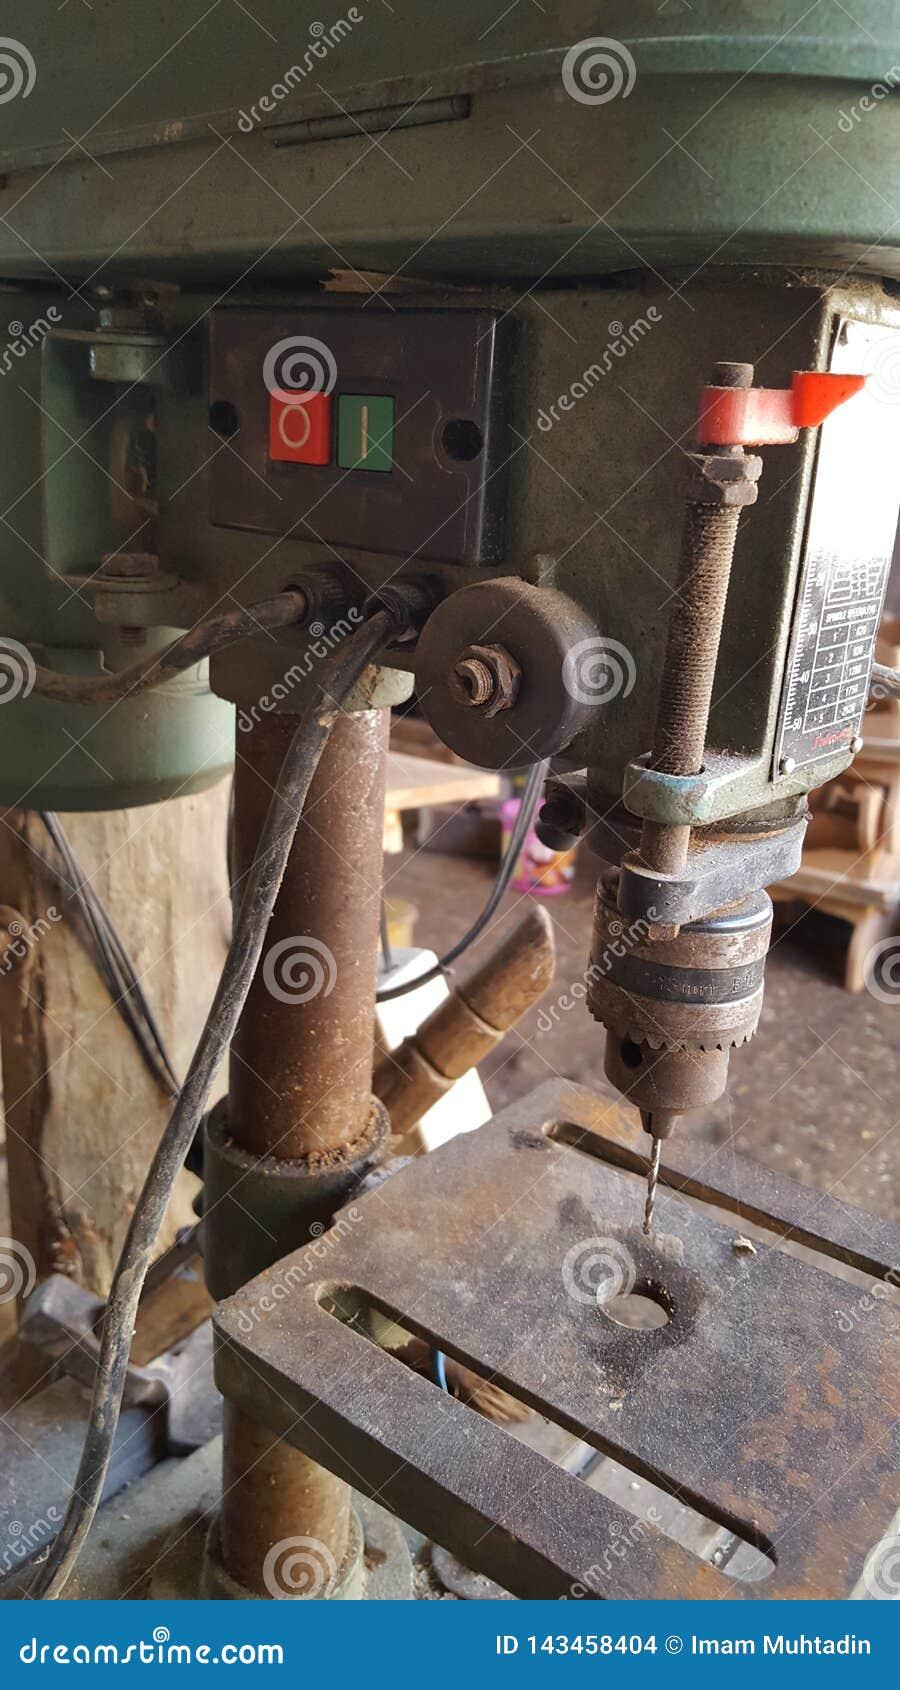 Bohrgerätsitzen, technische Ausrüstung für verschiedene Arbeit